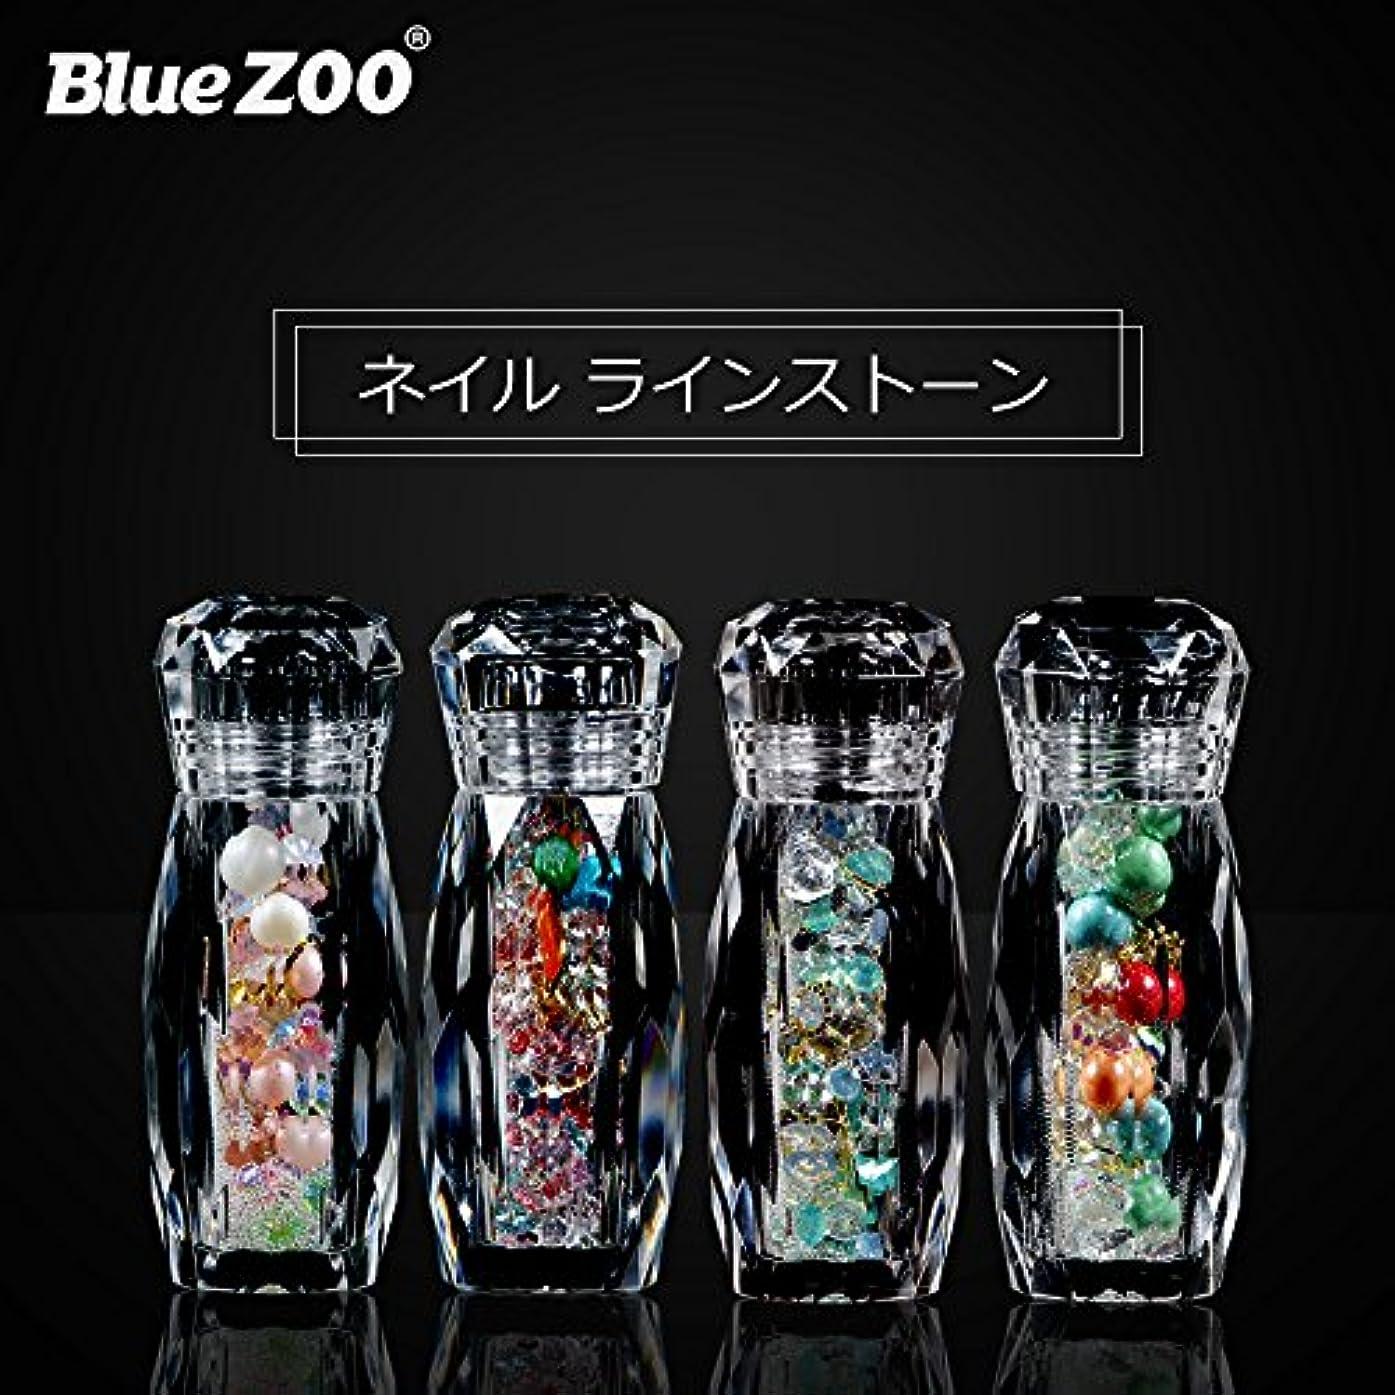 雹美容師貝殻BlueZOO (ブルーズー) クリスタルボトル 4種類 マルチサイズ ネイルアクセサリー + Vカットダイヤモンド + ジェムサークル + タイニービーズ ネイルパーツ